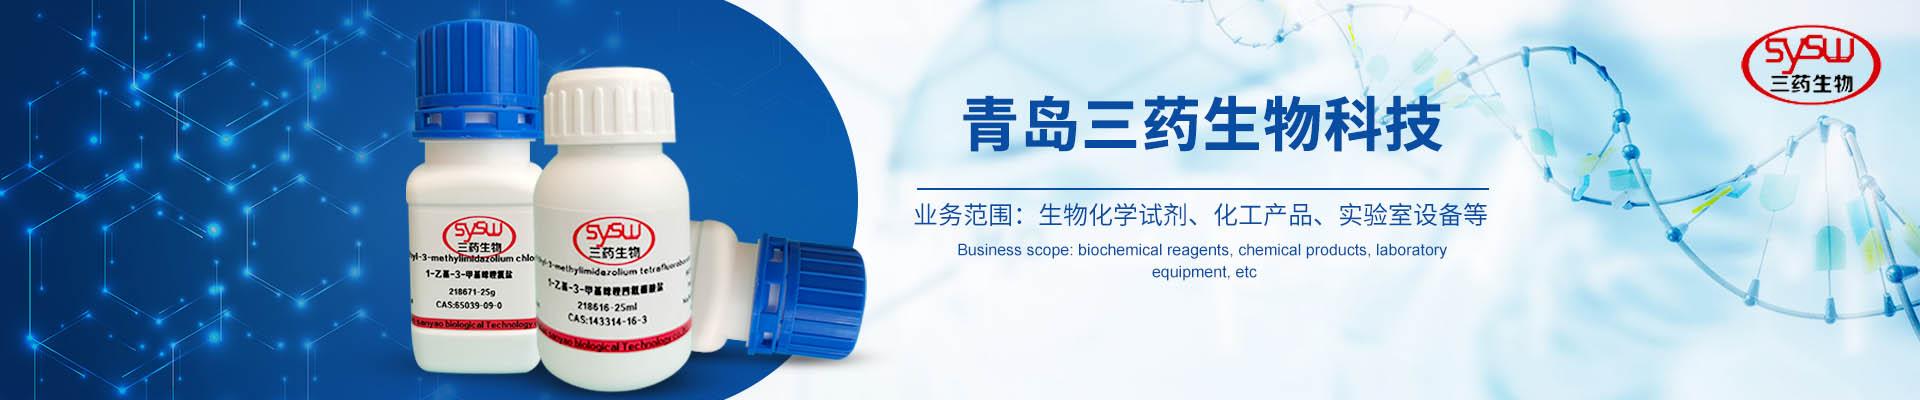 青岛三药生物科技nba山猫直播在线观看公司介绍